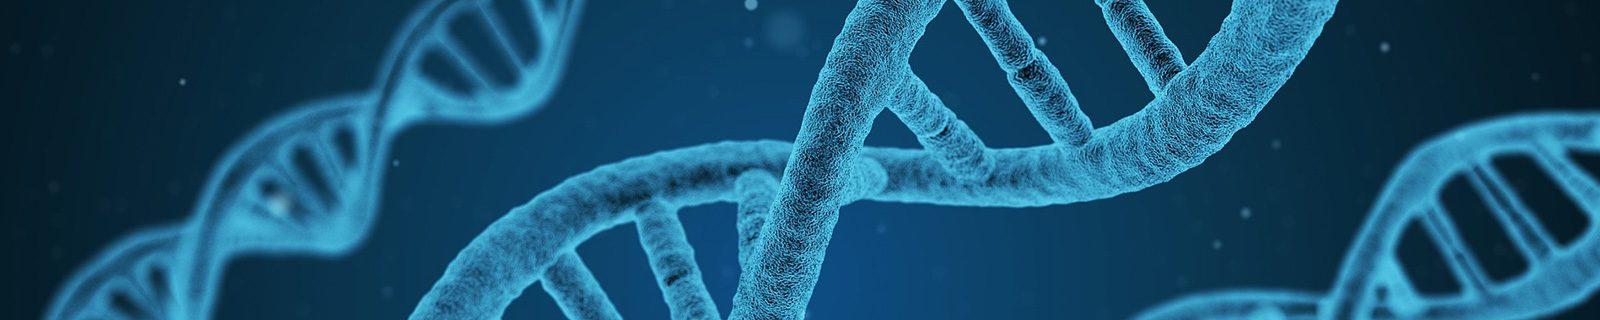 Hintergrundbild Zellstruktur – Fachbereich Biologie